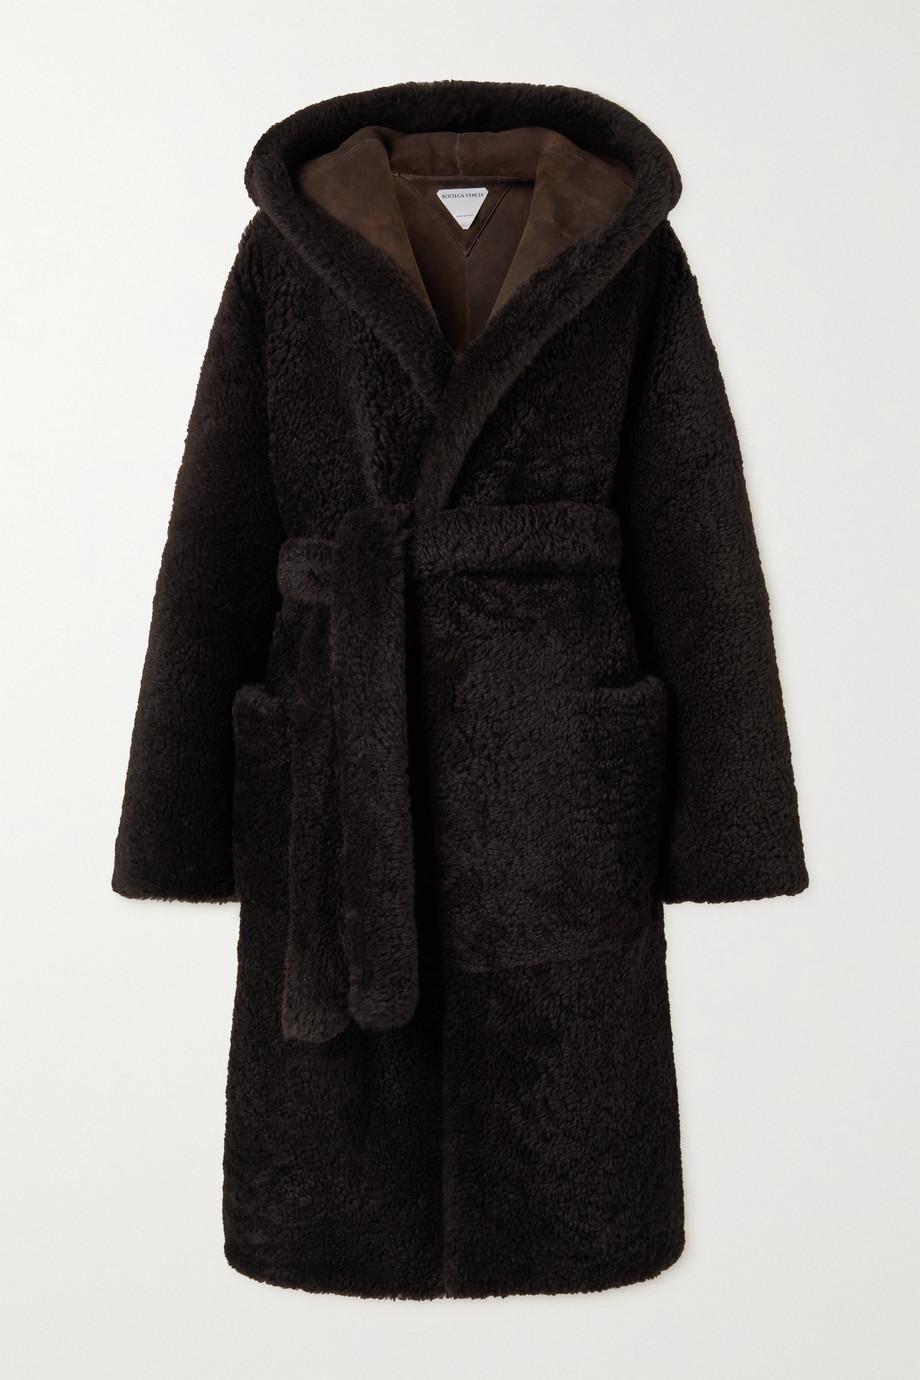 Bottega Veneta Manteau à capuche en peau lainée à ceinture